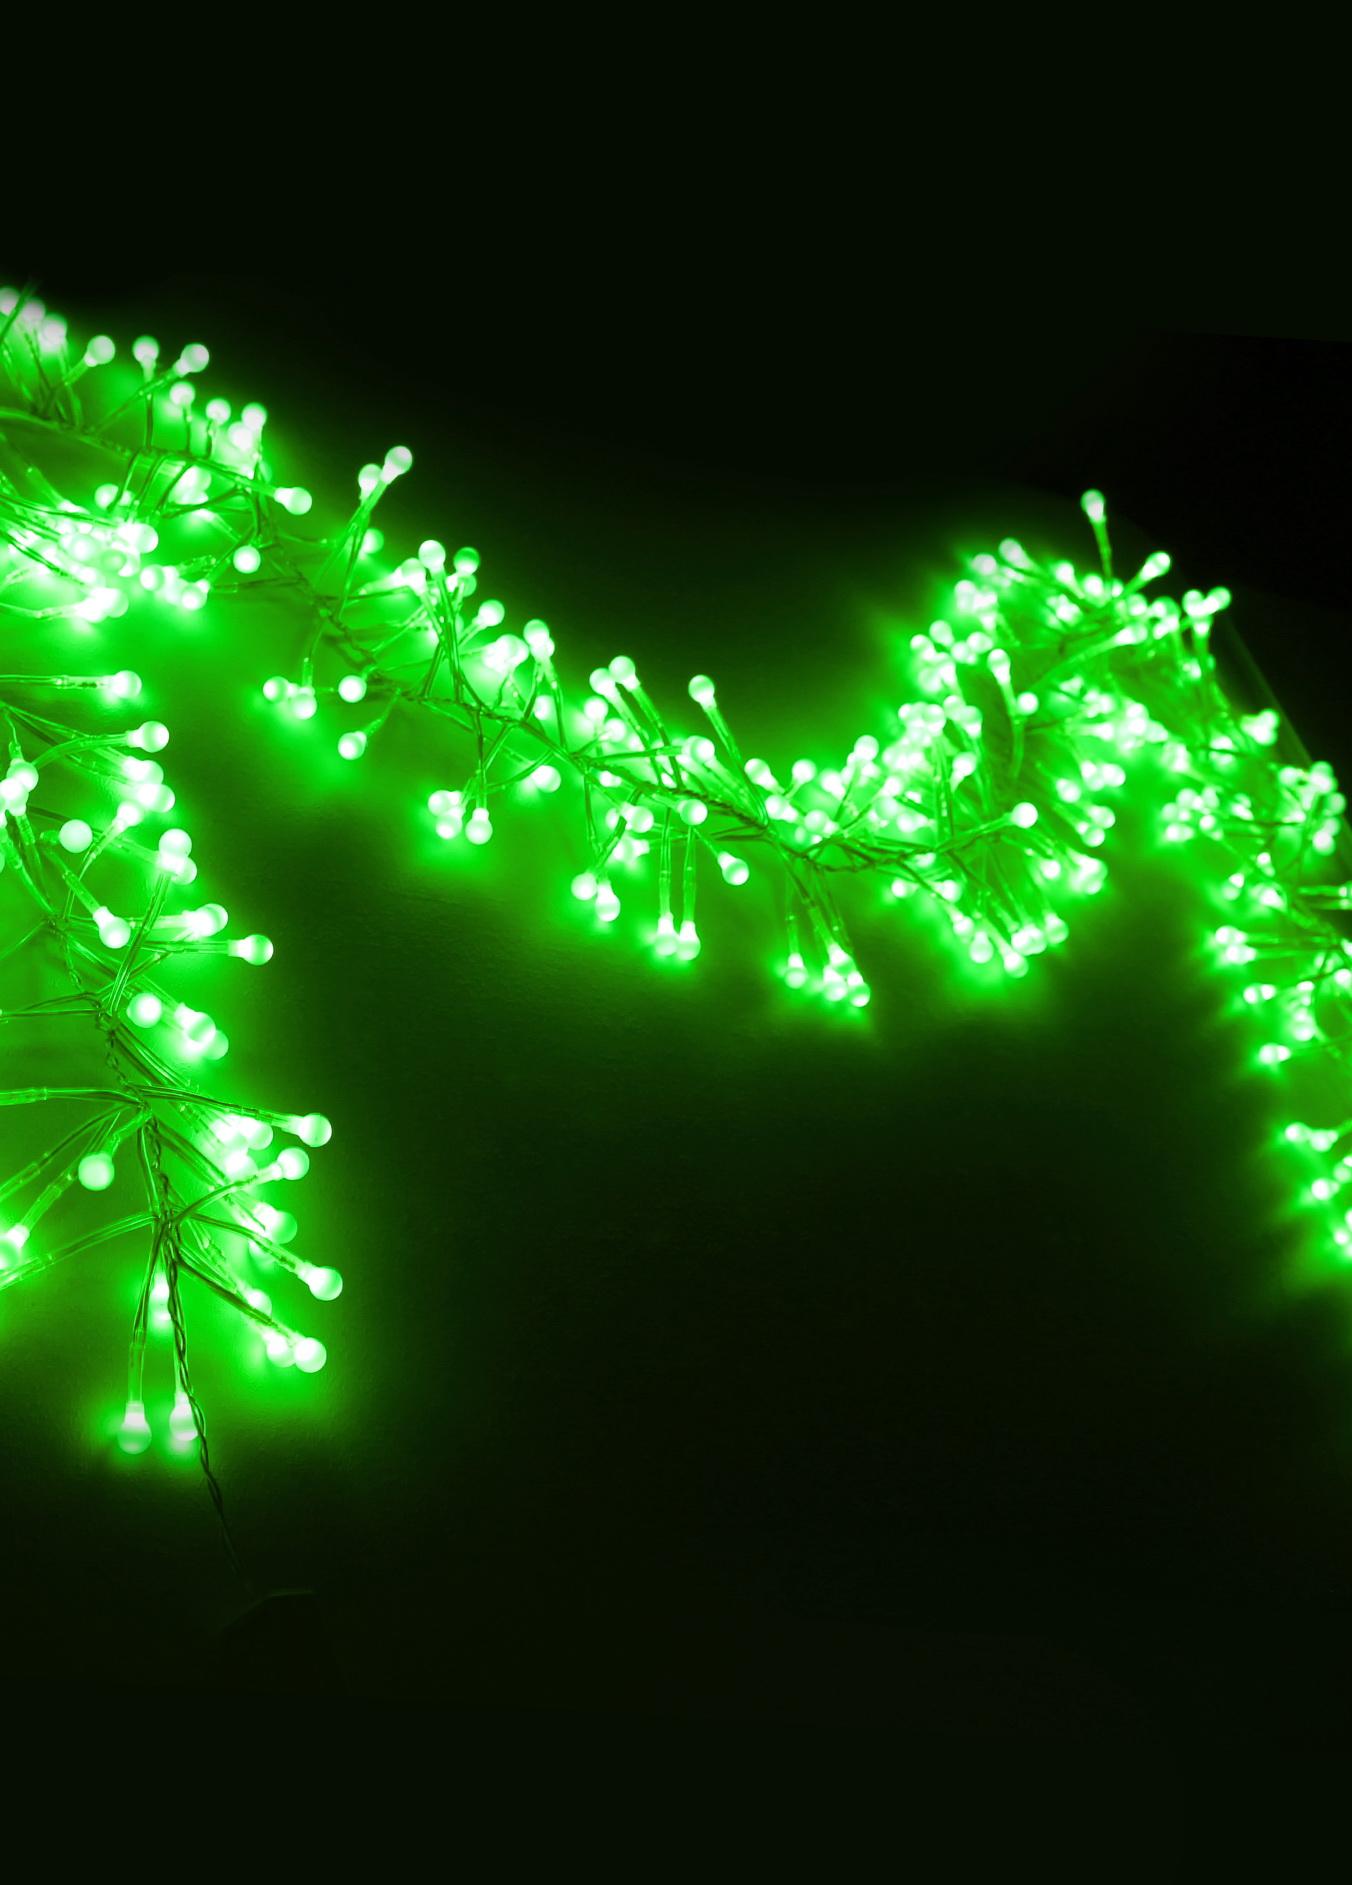 Электрогирлянда КОСМОС Koc gir288ledball гирлянда электрическая luazon lighting нить шарики зеленые нить прозрачная цвет зеленый 30 led 220 v 8 режимов длина 5 м